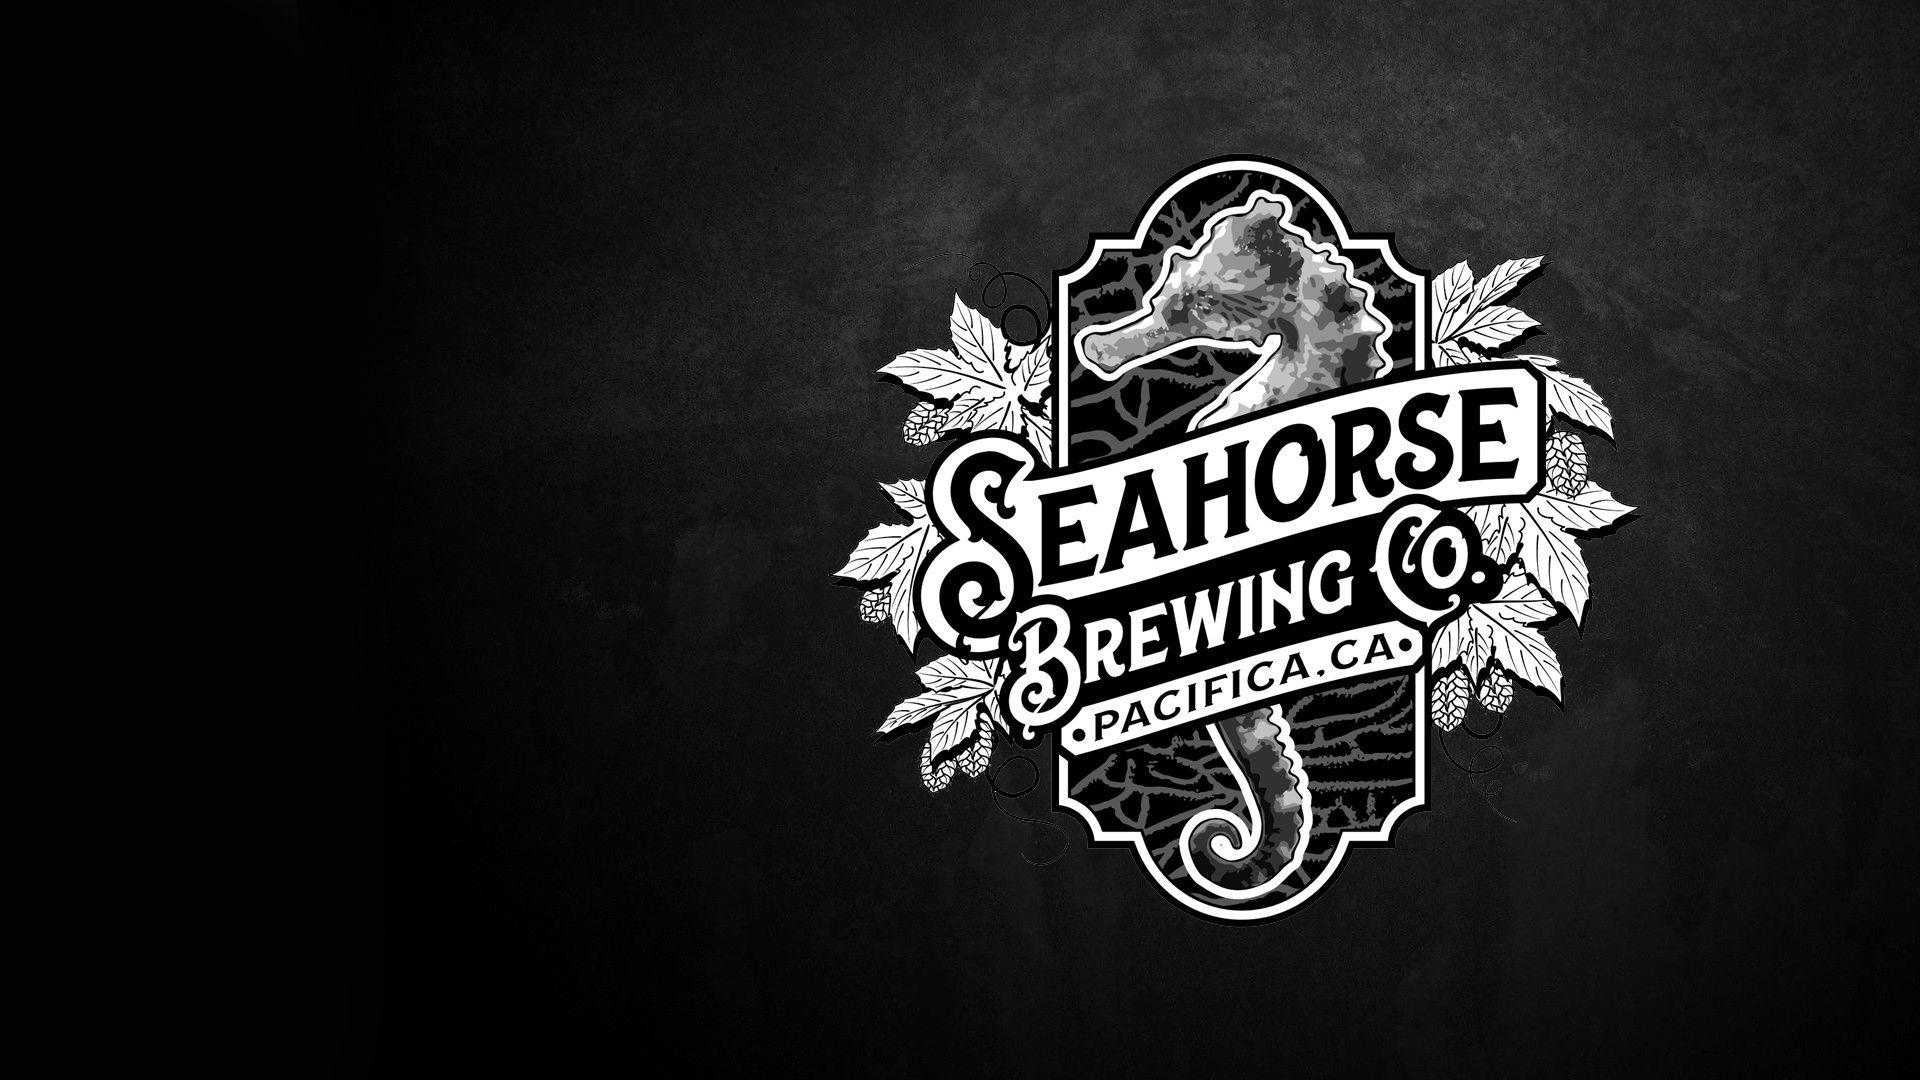 Seahorse Brewing Company